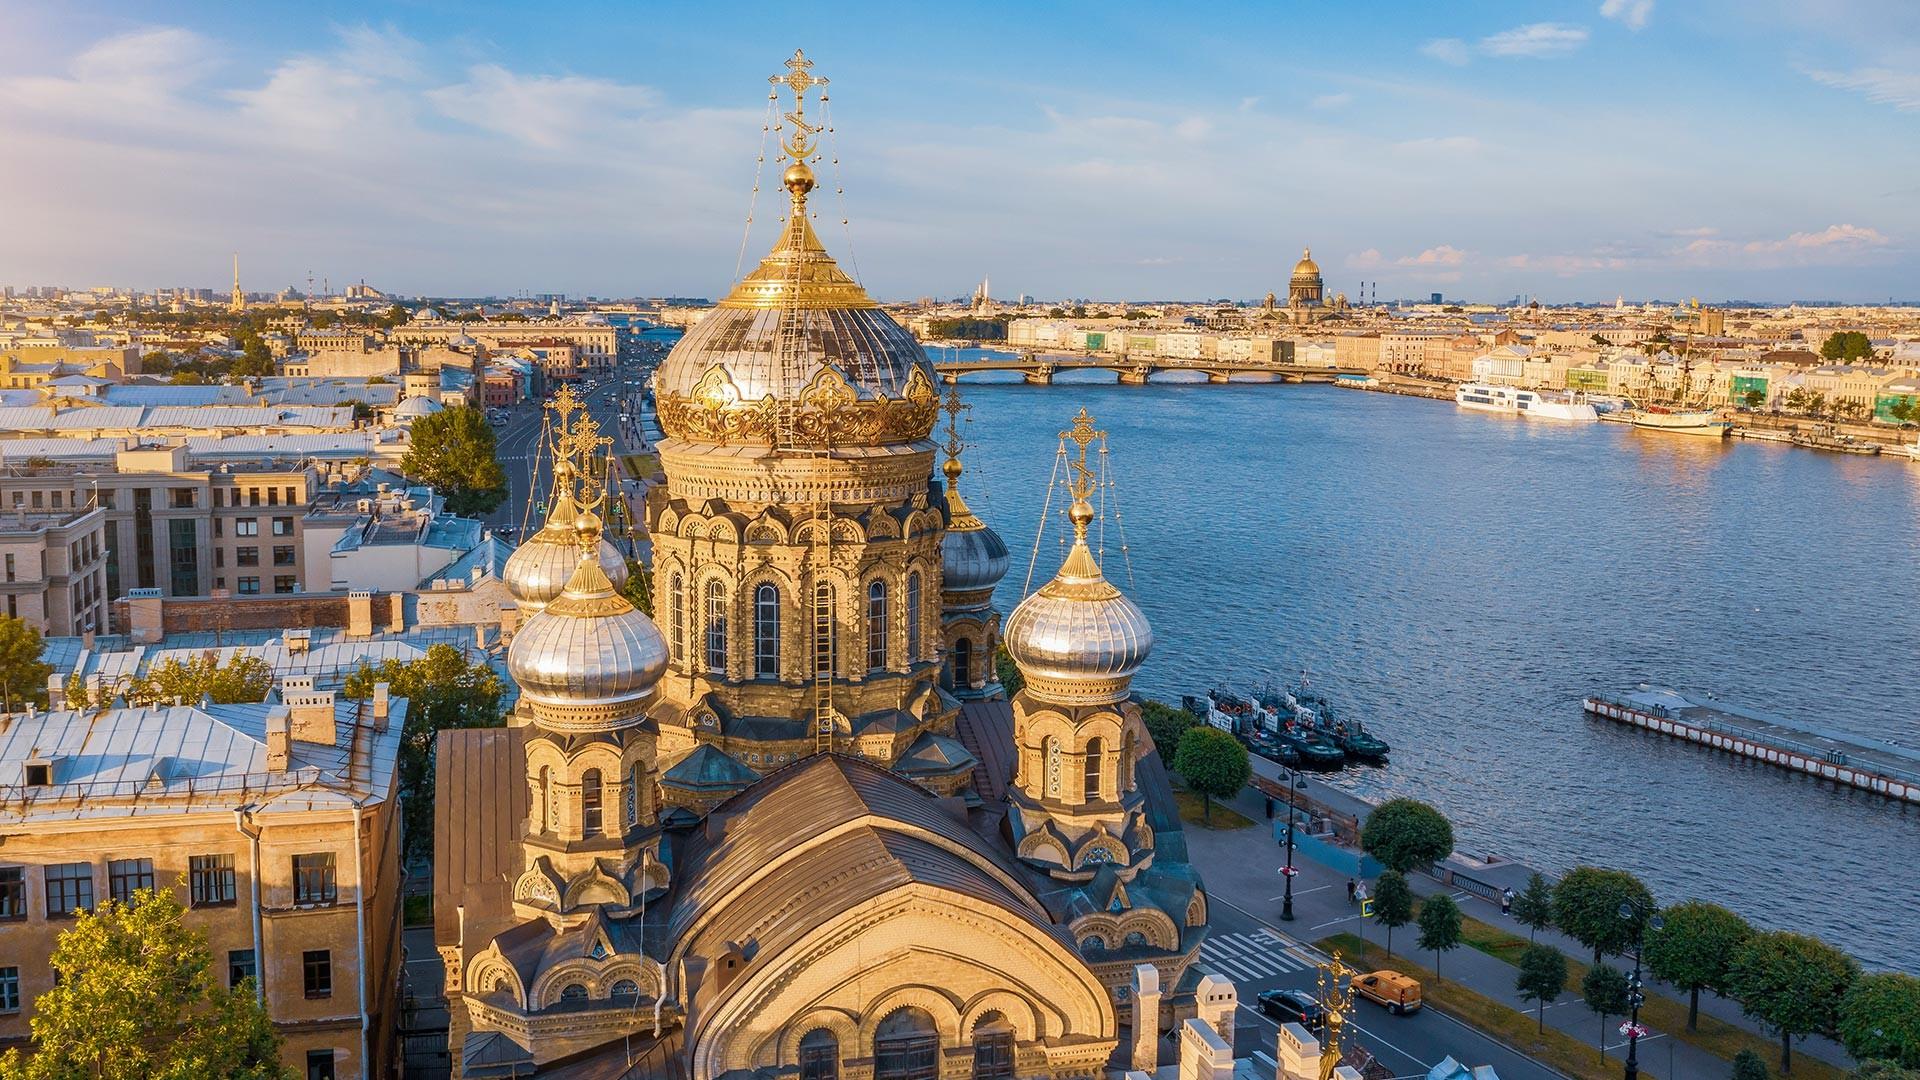 La chiesa dell'Assunzione sull'argine del fiume Neva